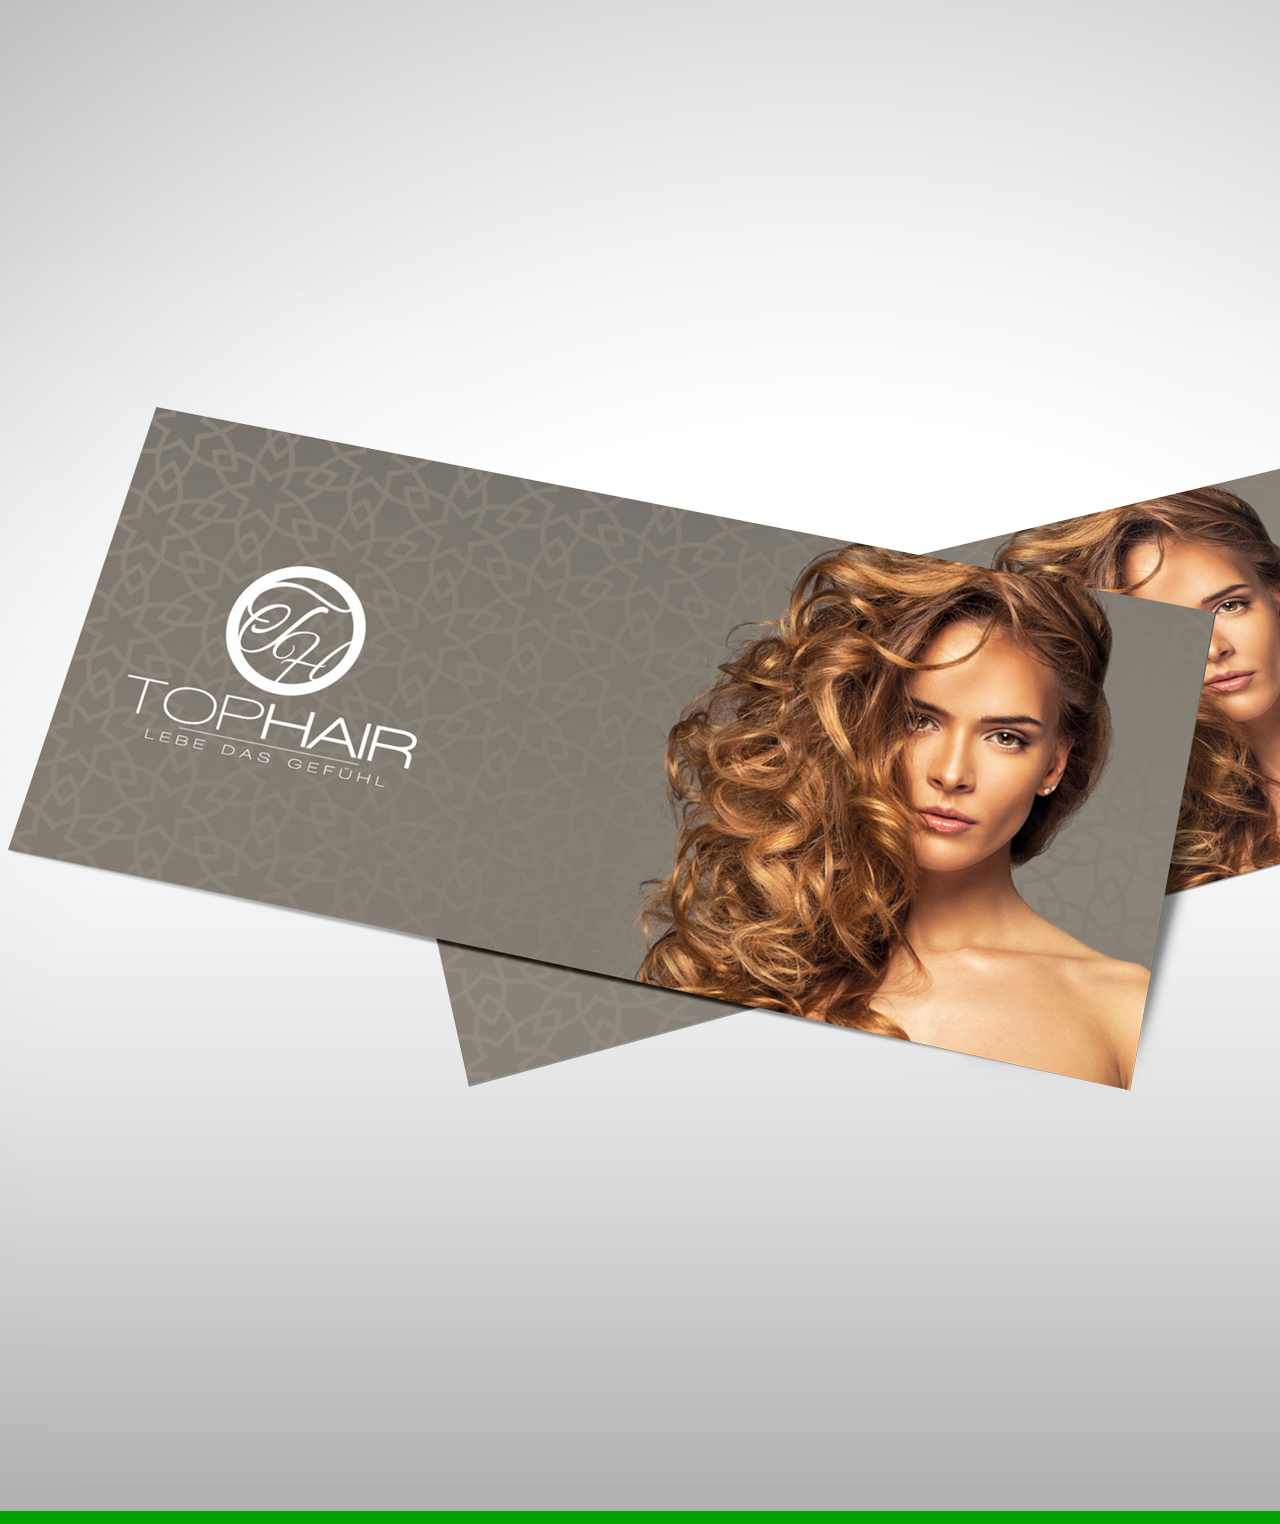 Top Hair Mannheim